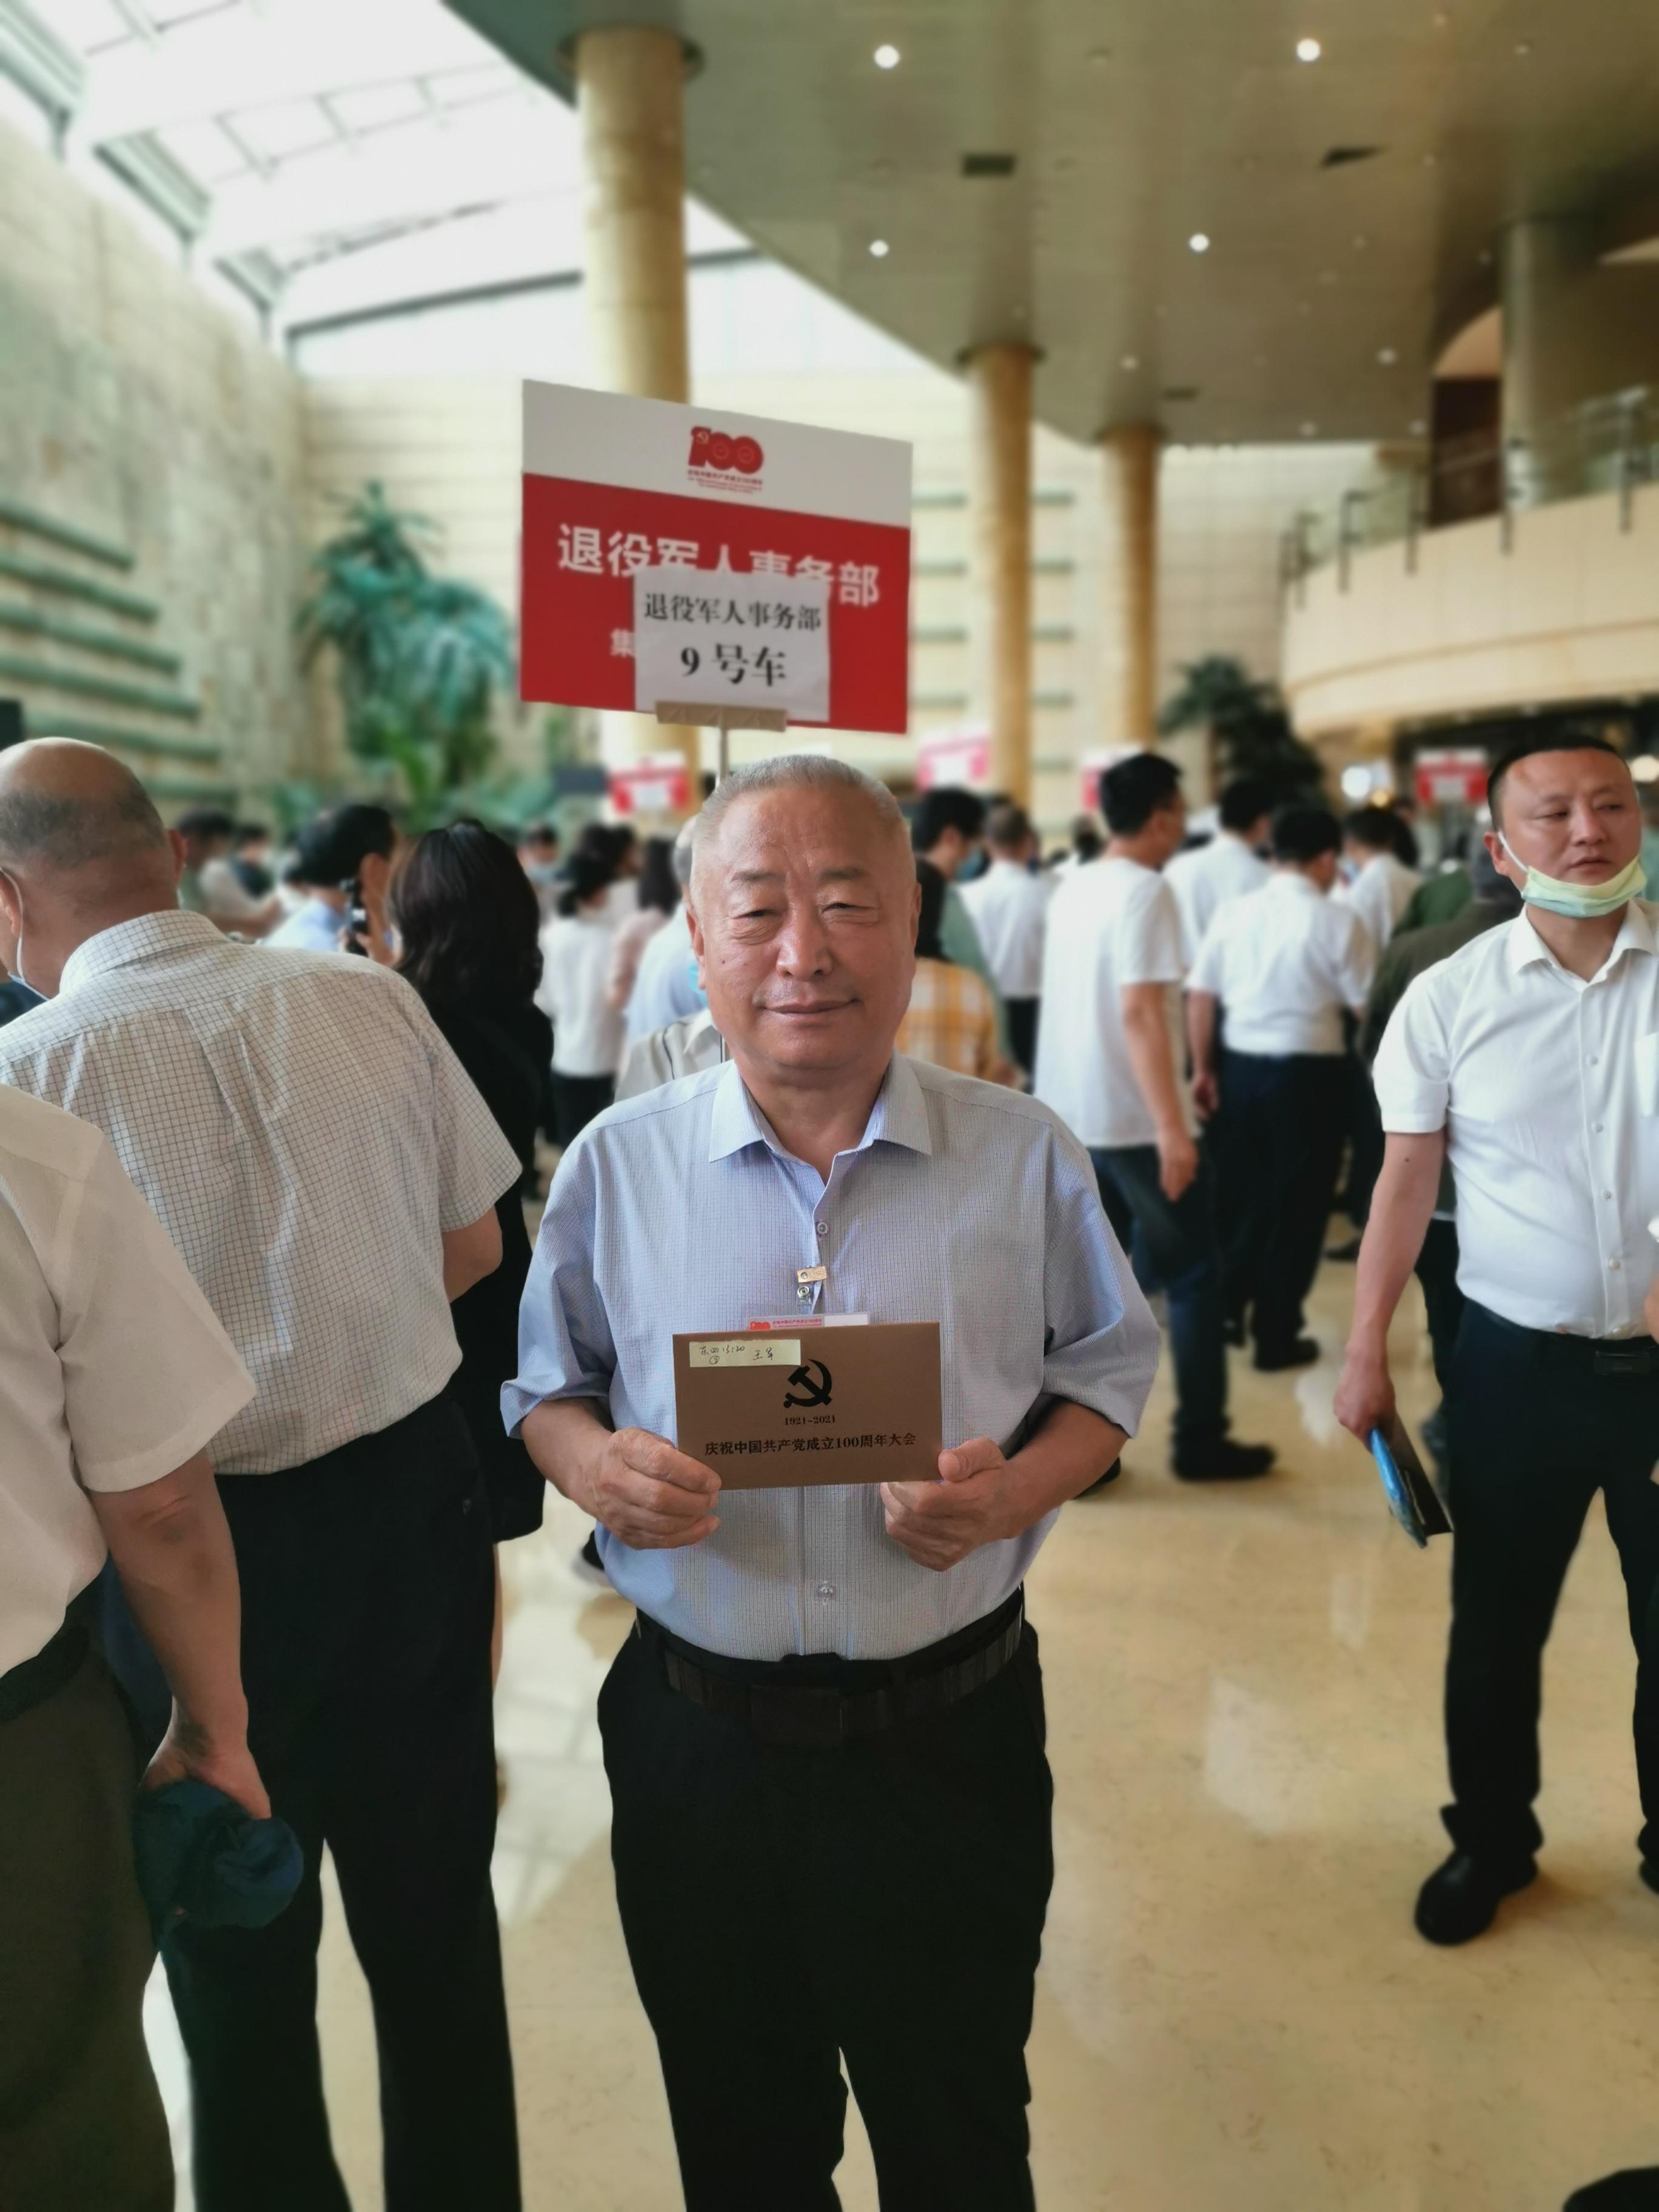 三五文化网 | 7月1日,光荣在党50年纪念章获得者王军 出席庆祝中国共产党成立100周年庆祝大会